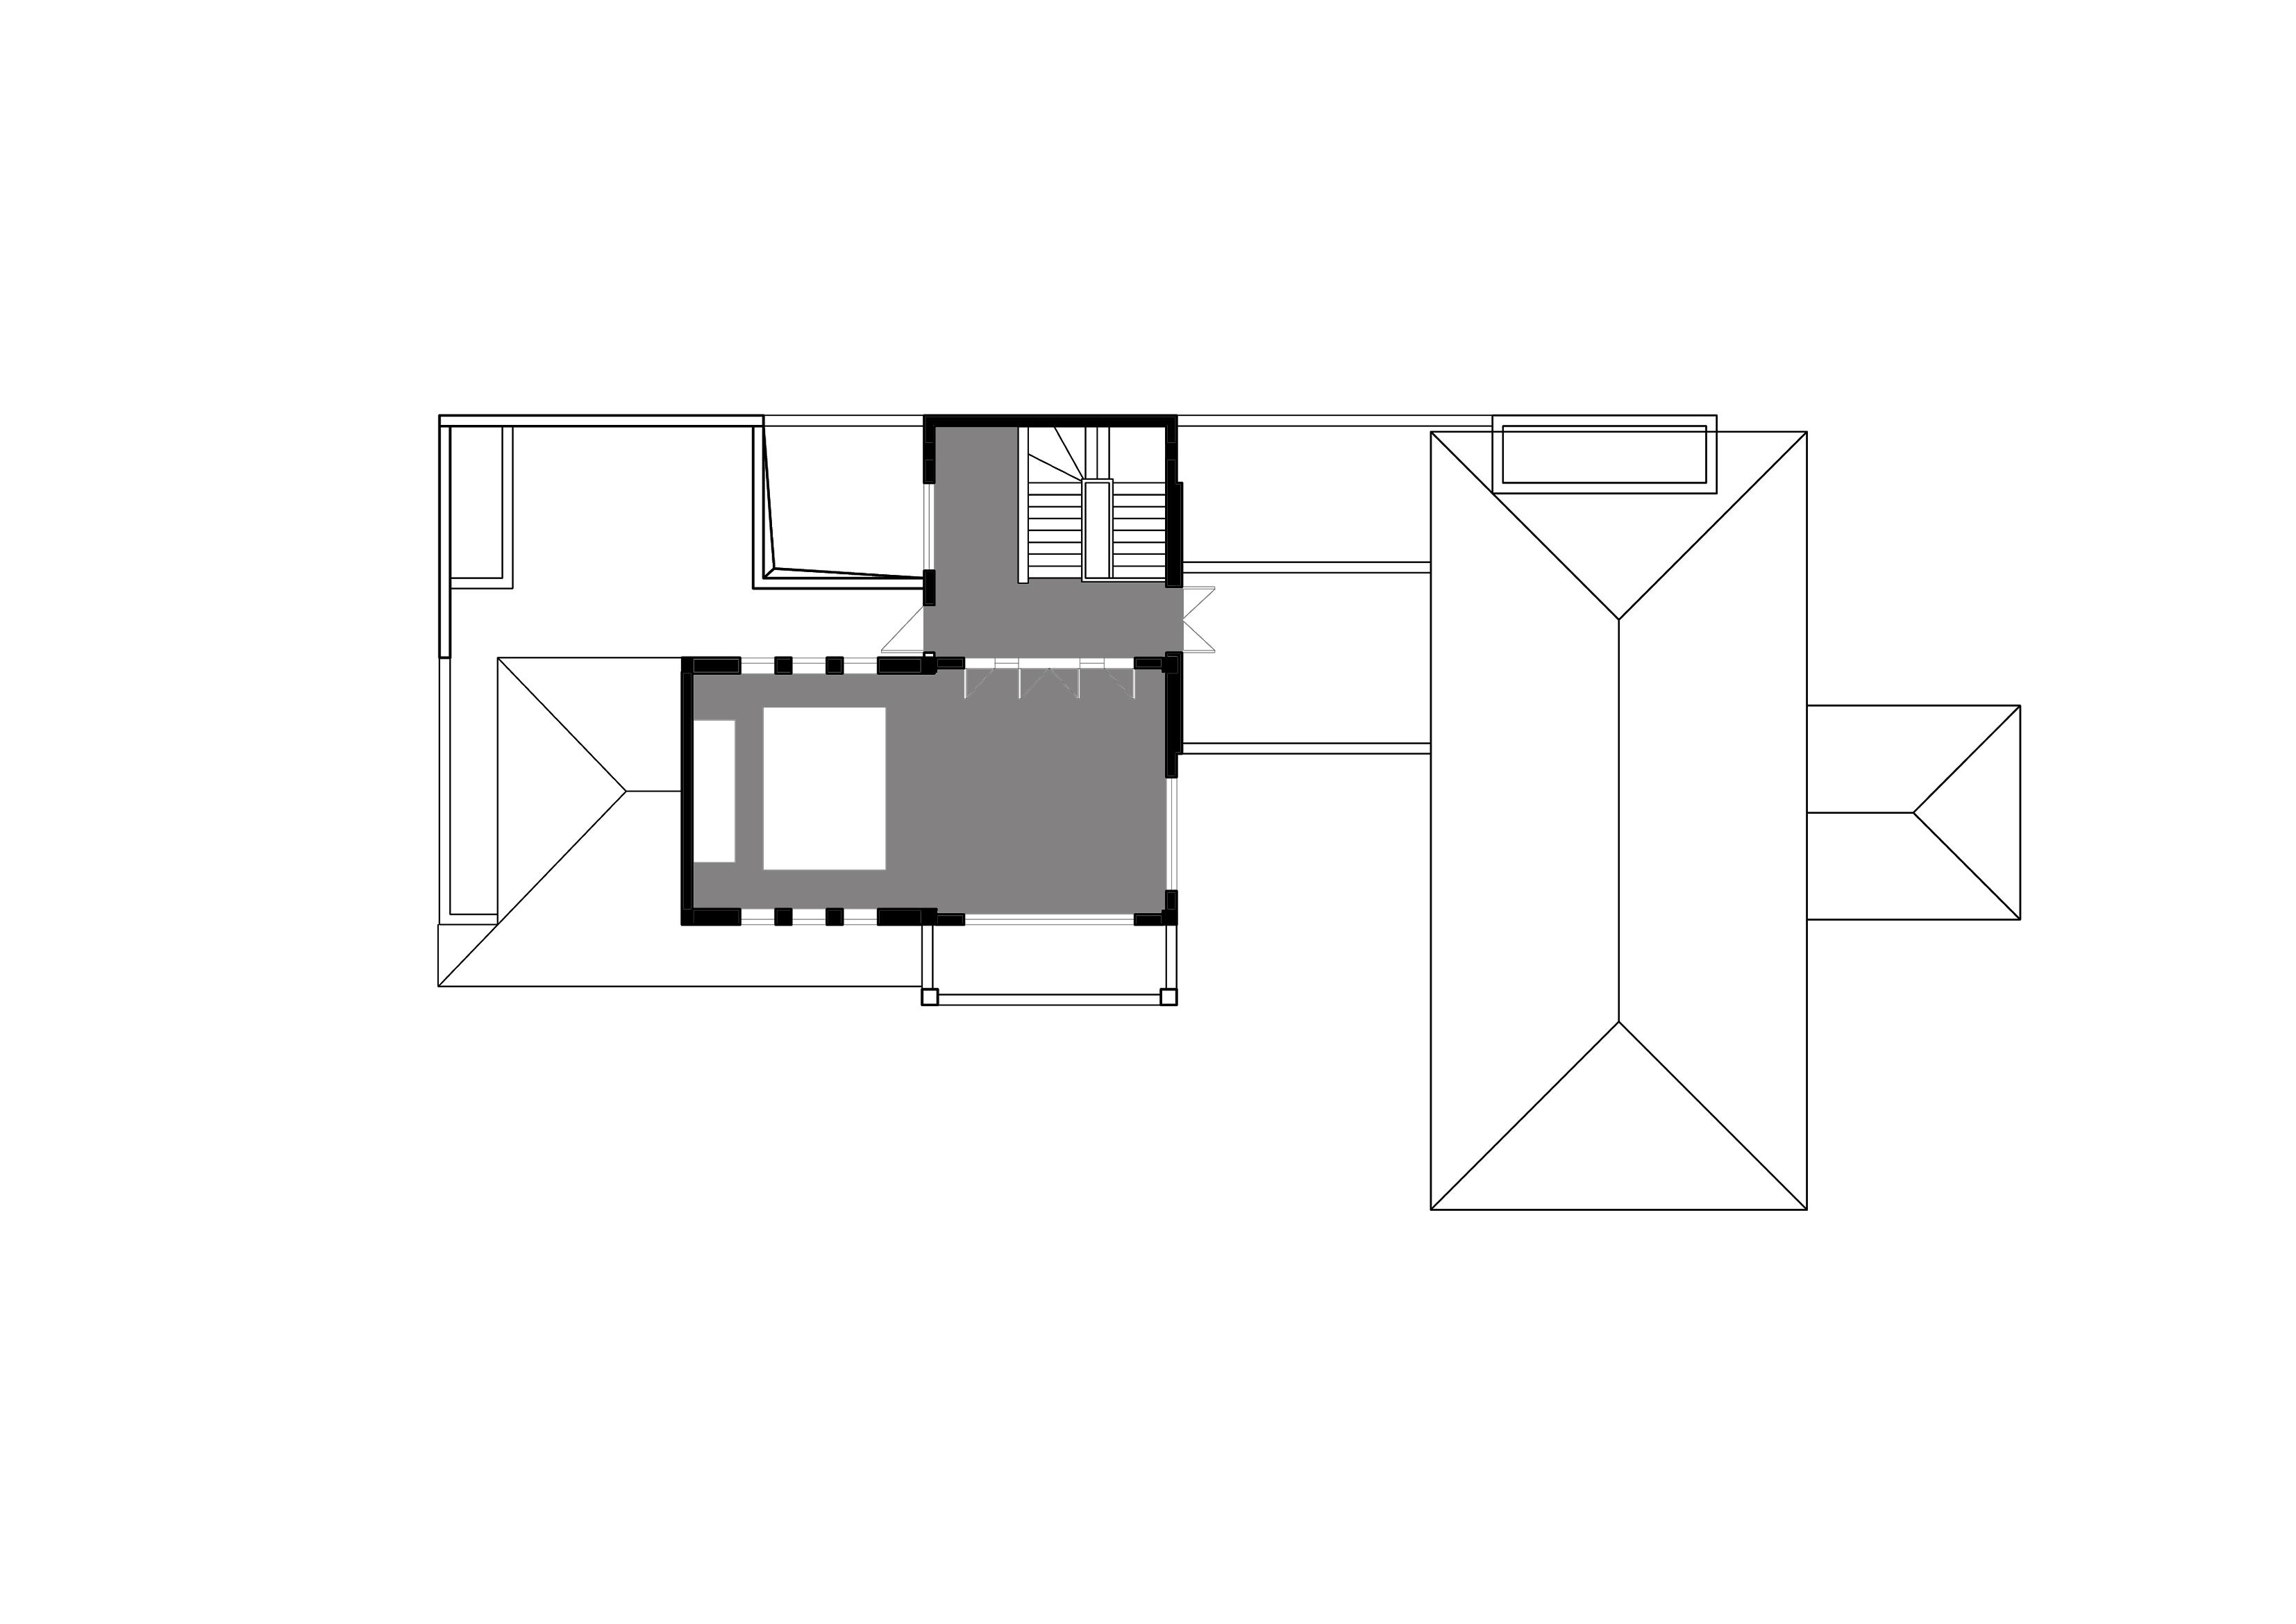 Mẫu biệt thự 3 tầng đẹp hình ảnh 3 - MB1 - BT123